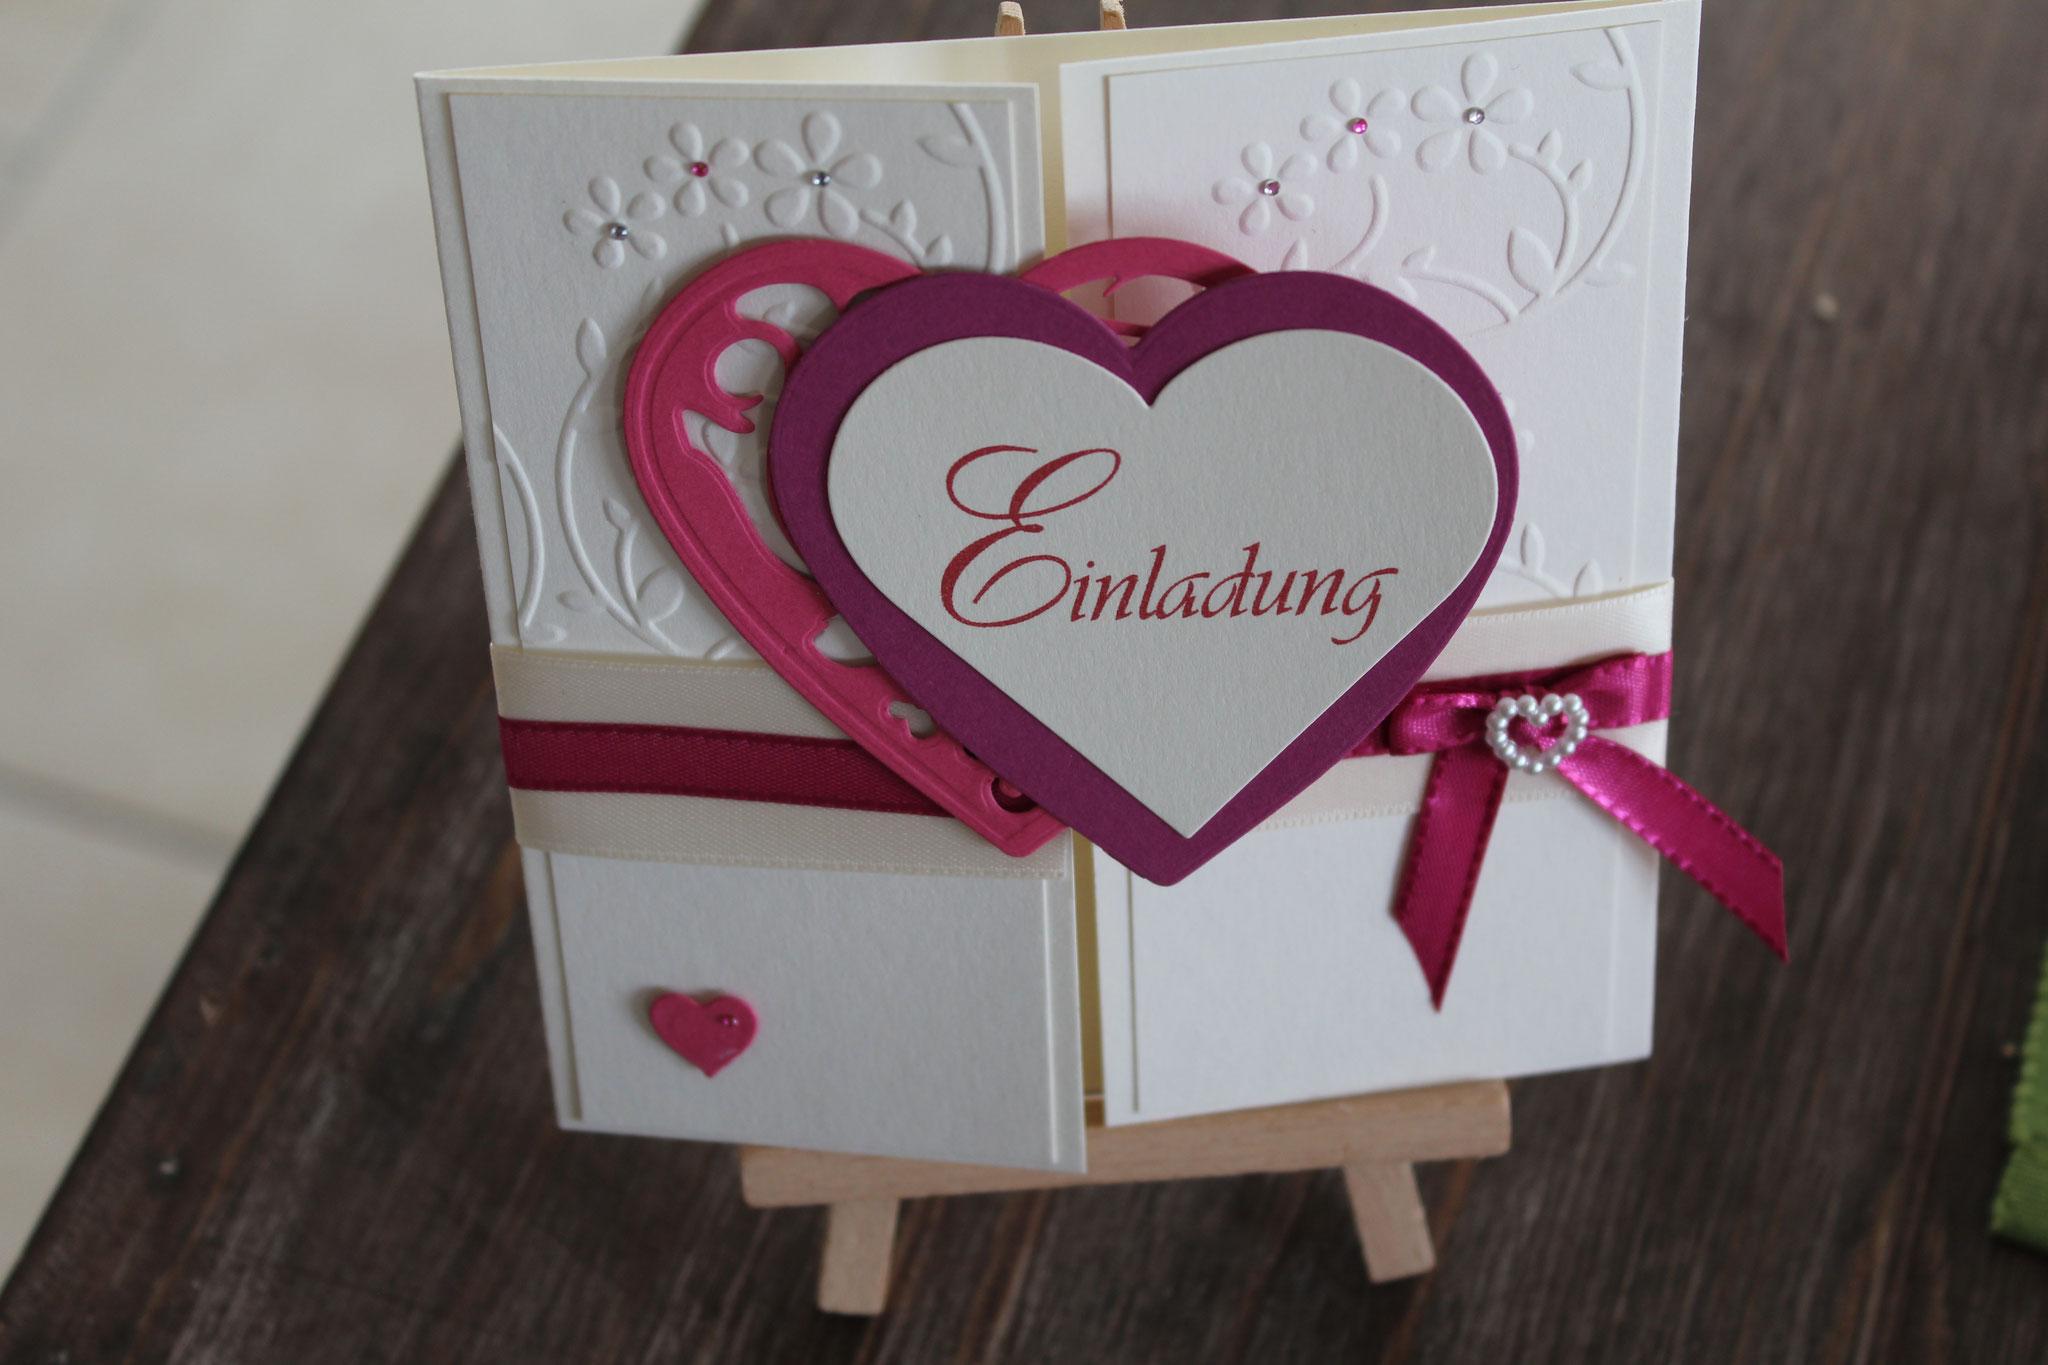 EH91 EH 86 Mittig zu öffnen. Gerne arbeiten wir auf die Herzinnenseite ein Bild von  Euch ein. Anhänger mit den Namen des Brautpaares.